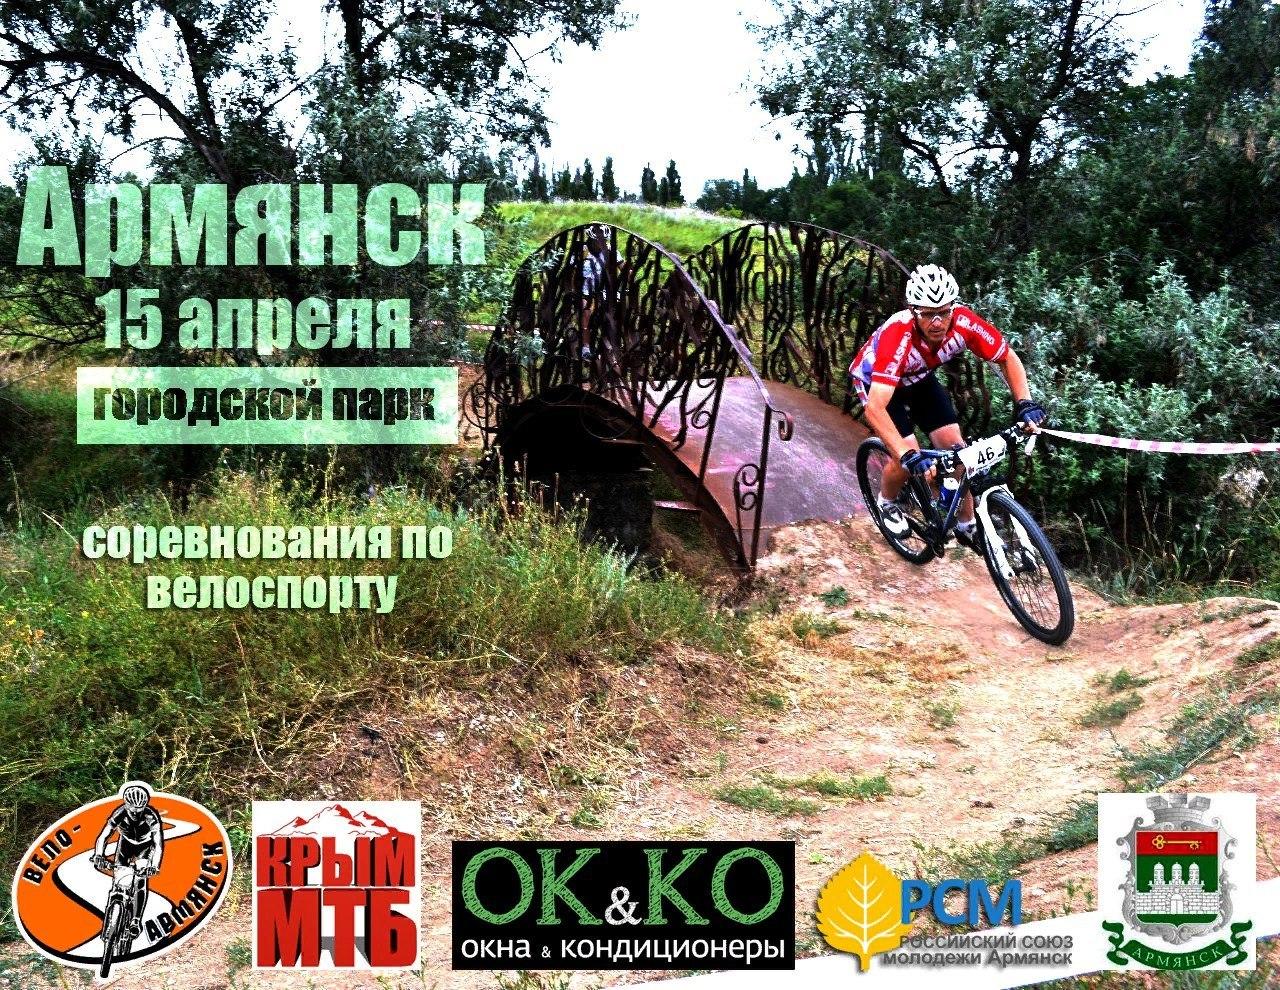 Велогонки пройдут в Армянске 15 апреля